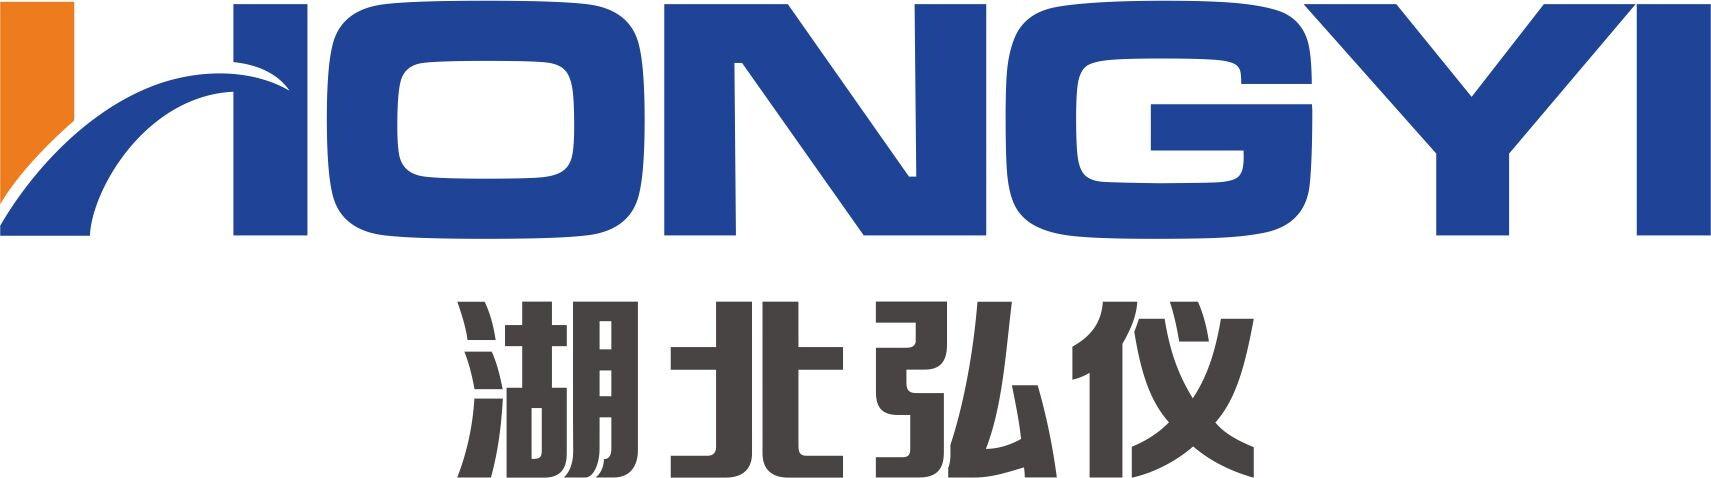 弘字字体设计